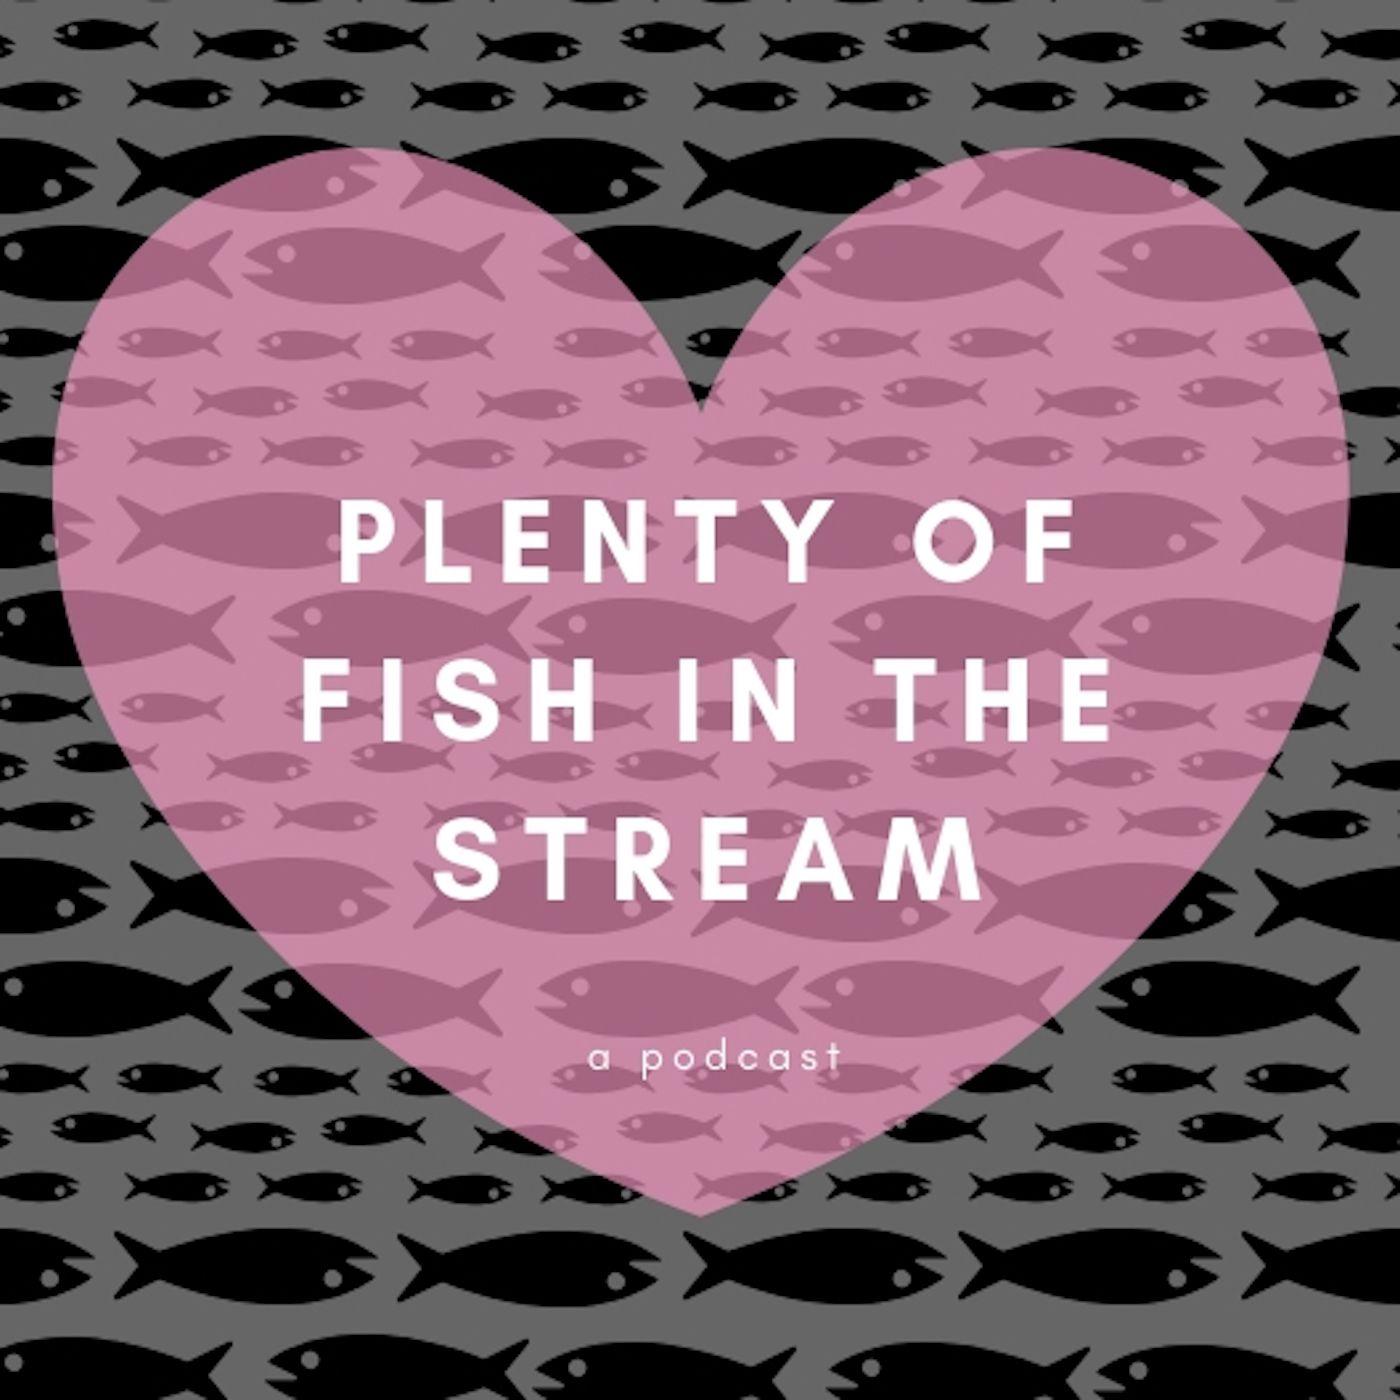 Plenty of fish couples